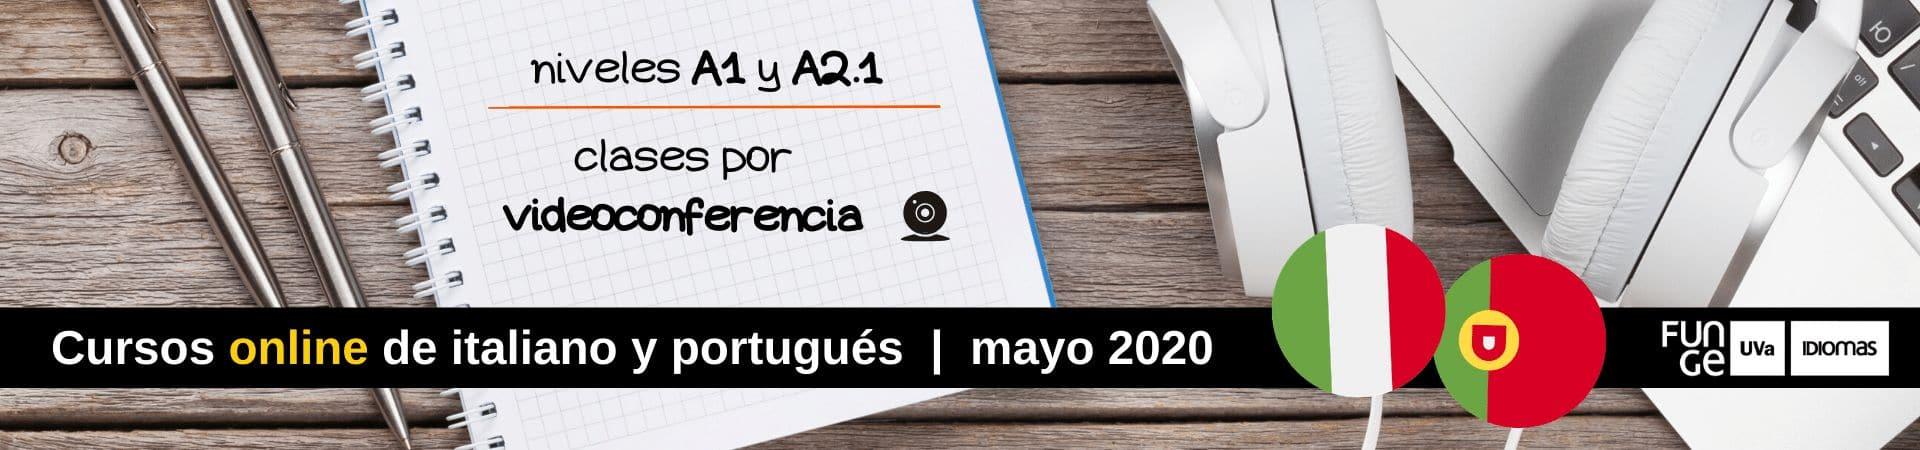 Cursos online de italiano y portugués online - mayo 2020 - Centro de Idiomas UVa - home